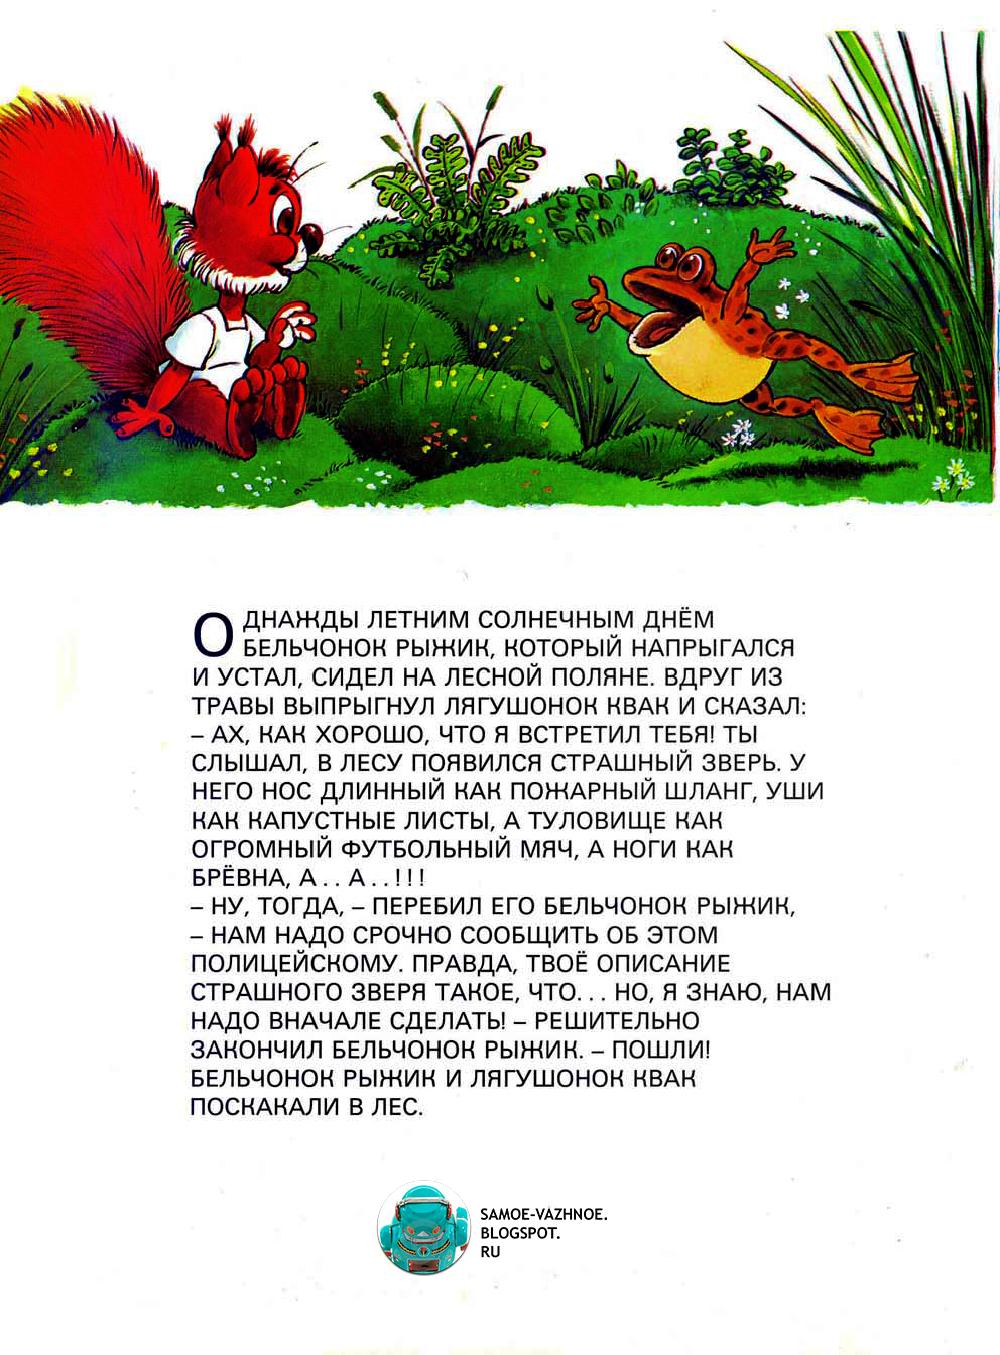 Уско Лаукканен скачать. Бельчонок Рыжик. Книга бельчонок Рыжик для детей СССР